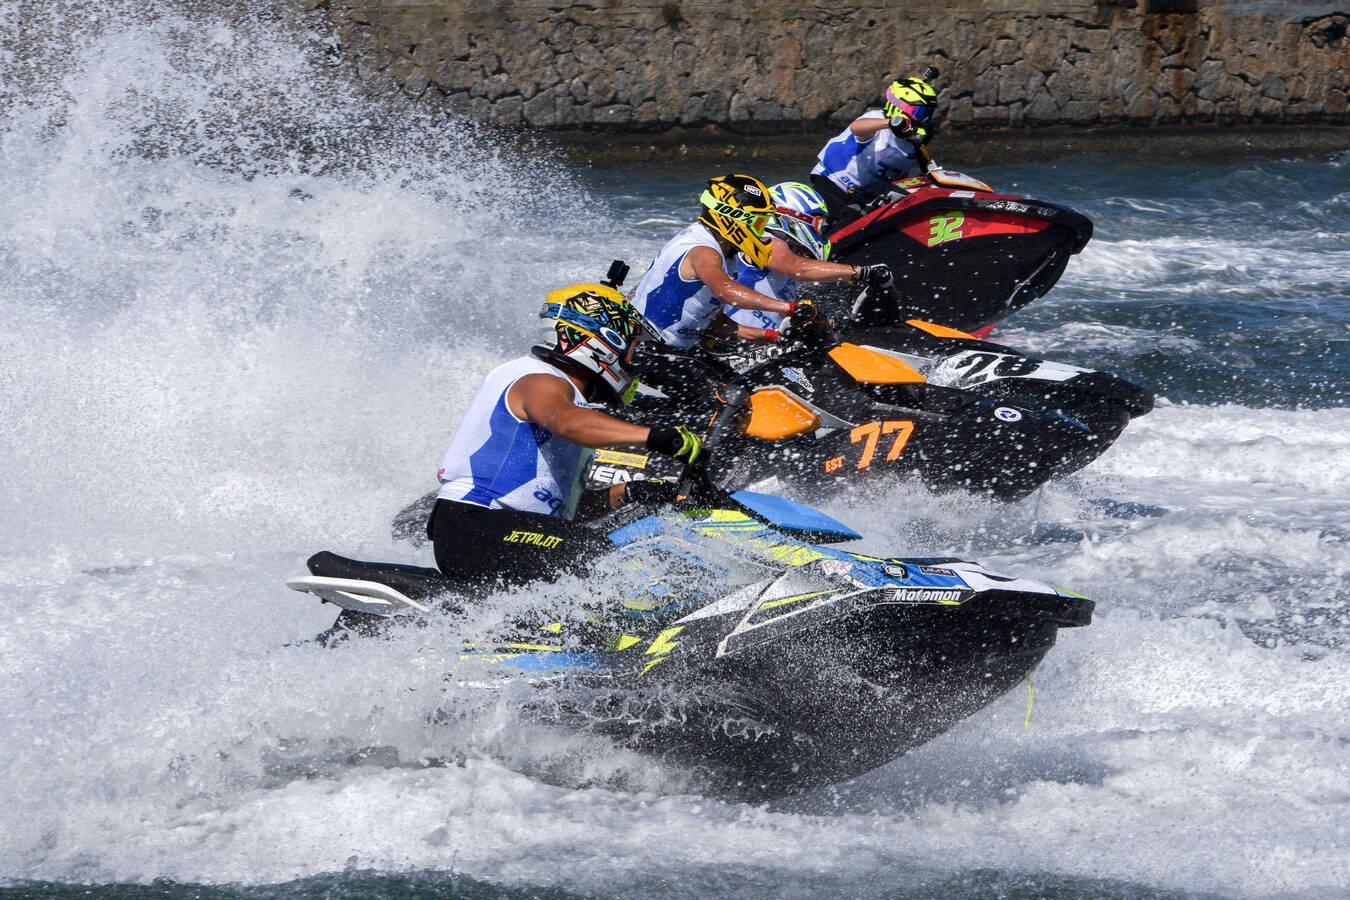 Campeonato del mundo Aquabike